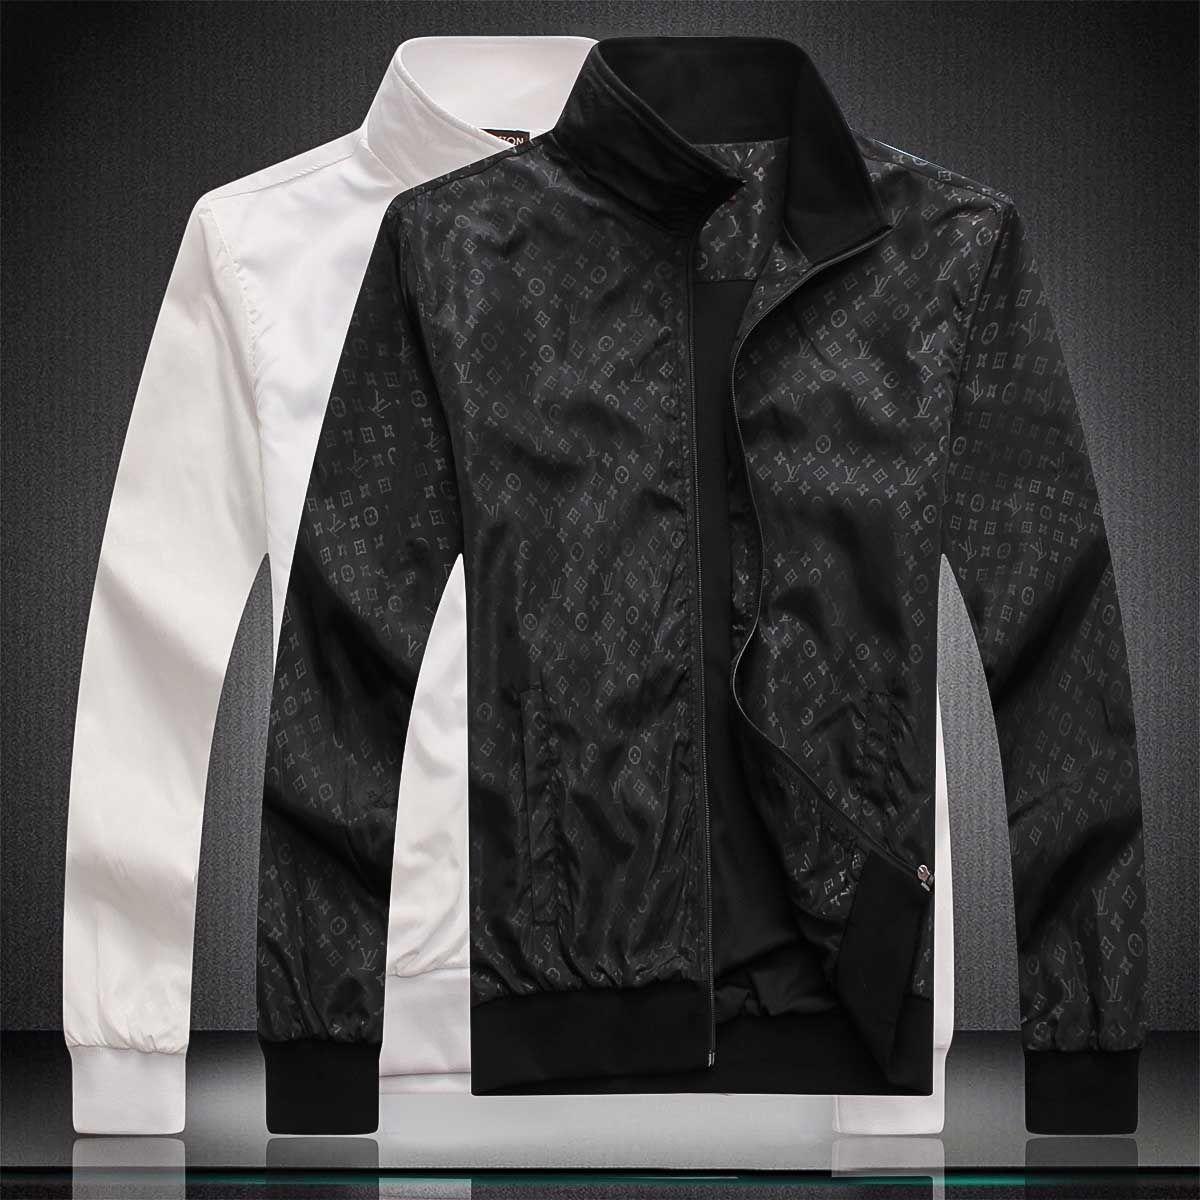 Мужские и женские пальто Пальто толстовка толстовка с длинным рукавом осенние спортивные молнии бренд ветровка мужская одежда большой размер толстовка с капюшоном